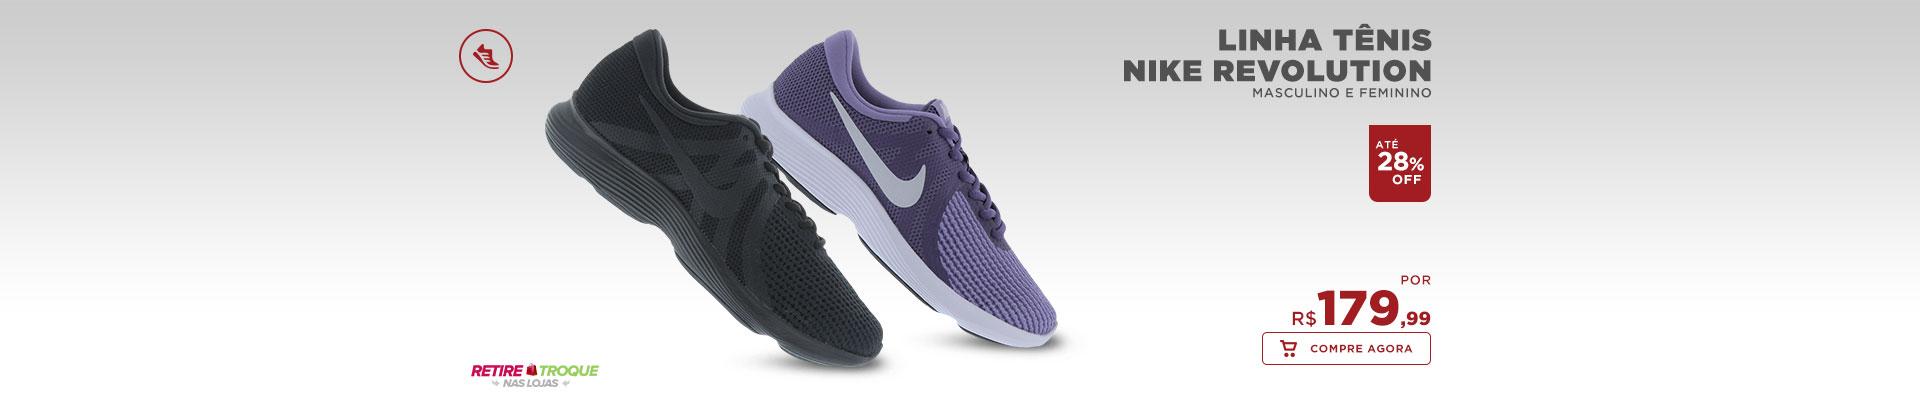 Linha Tênis Nike Revolution